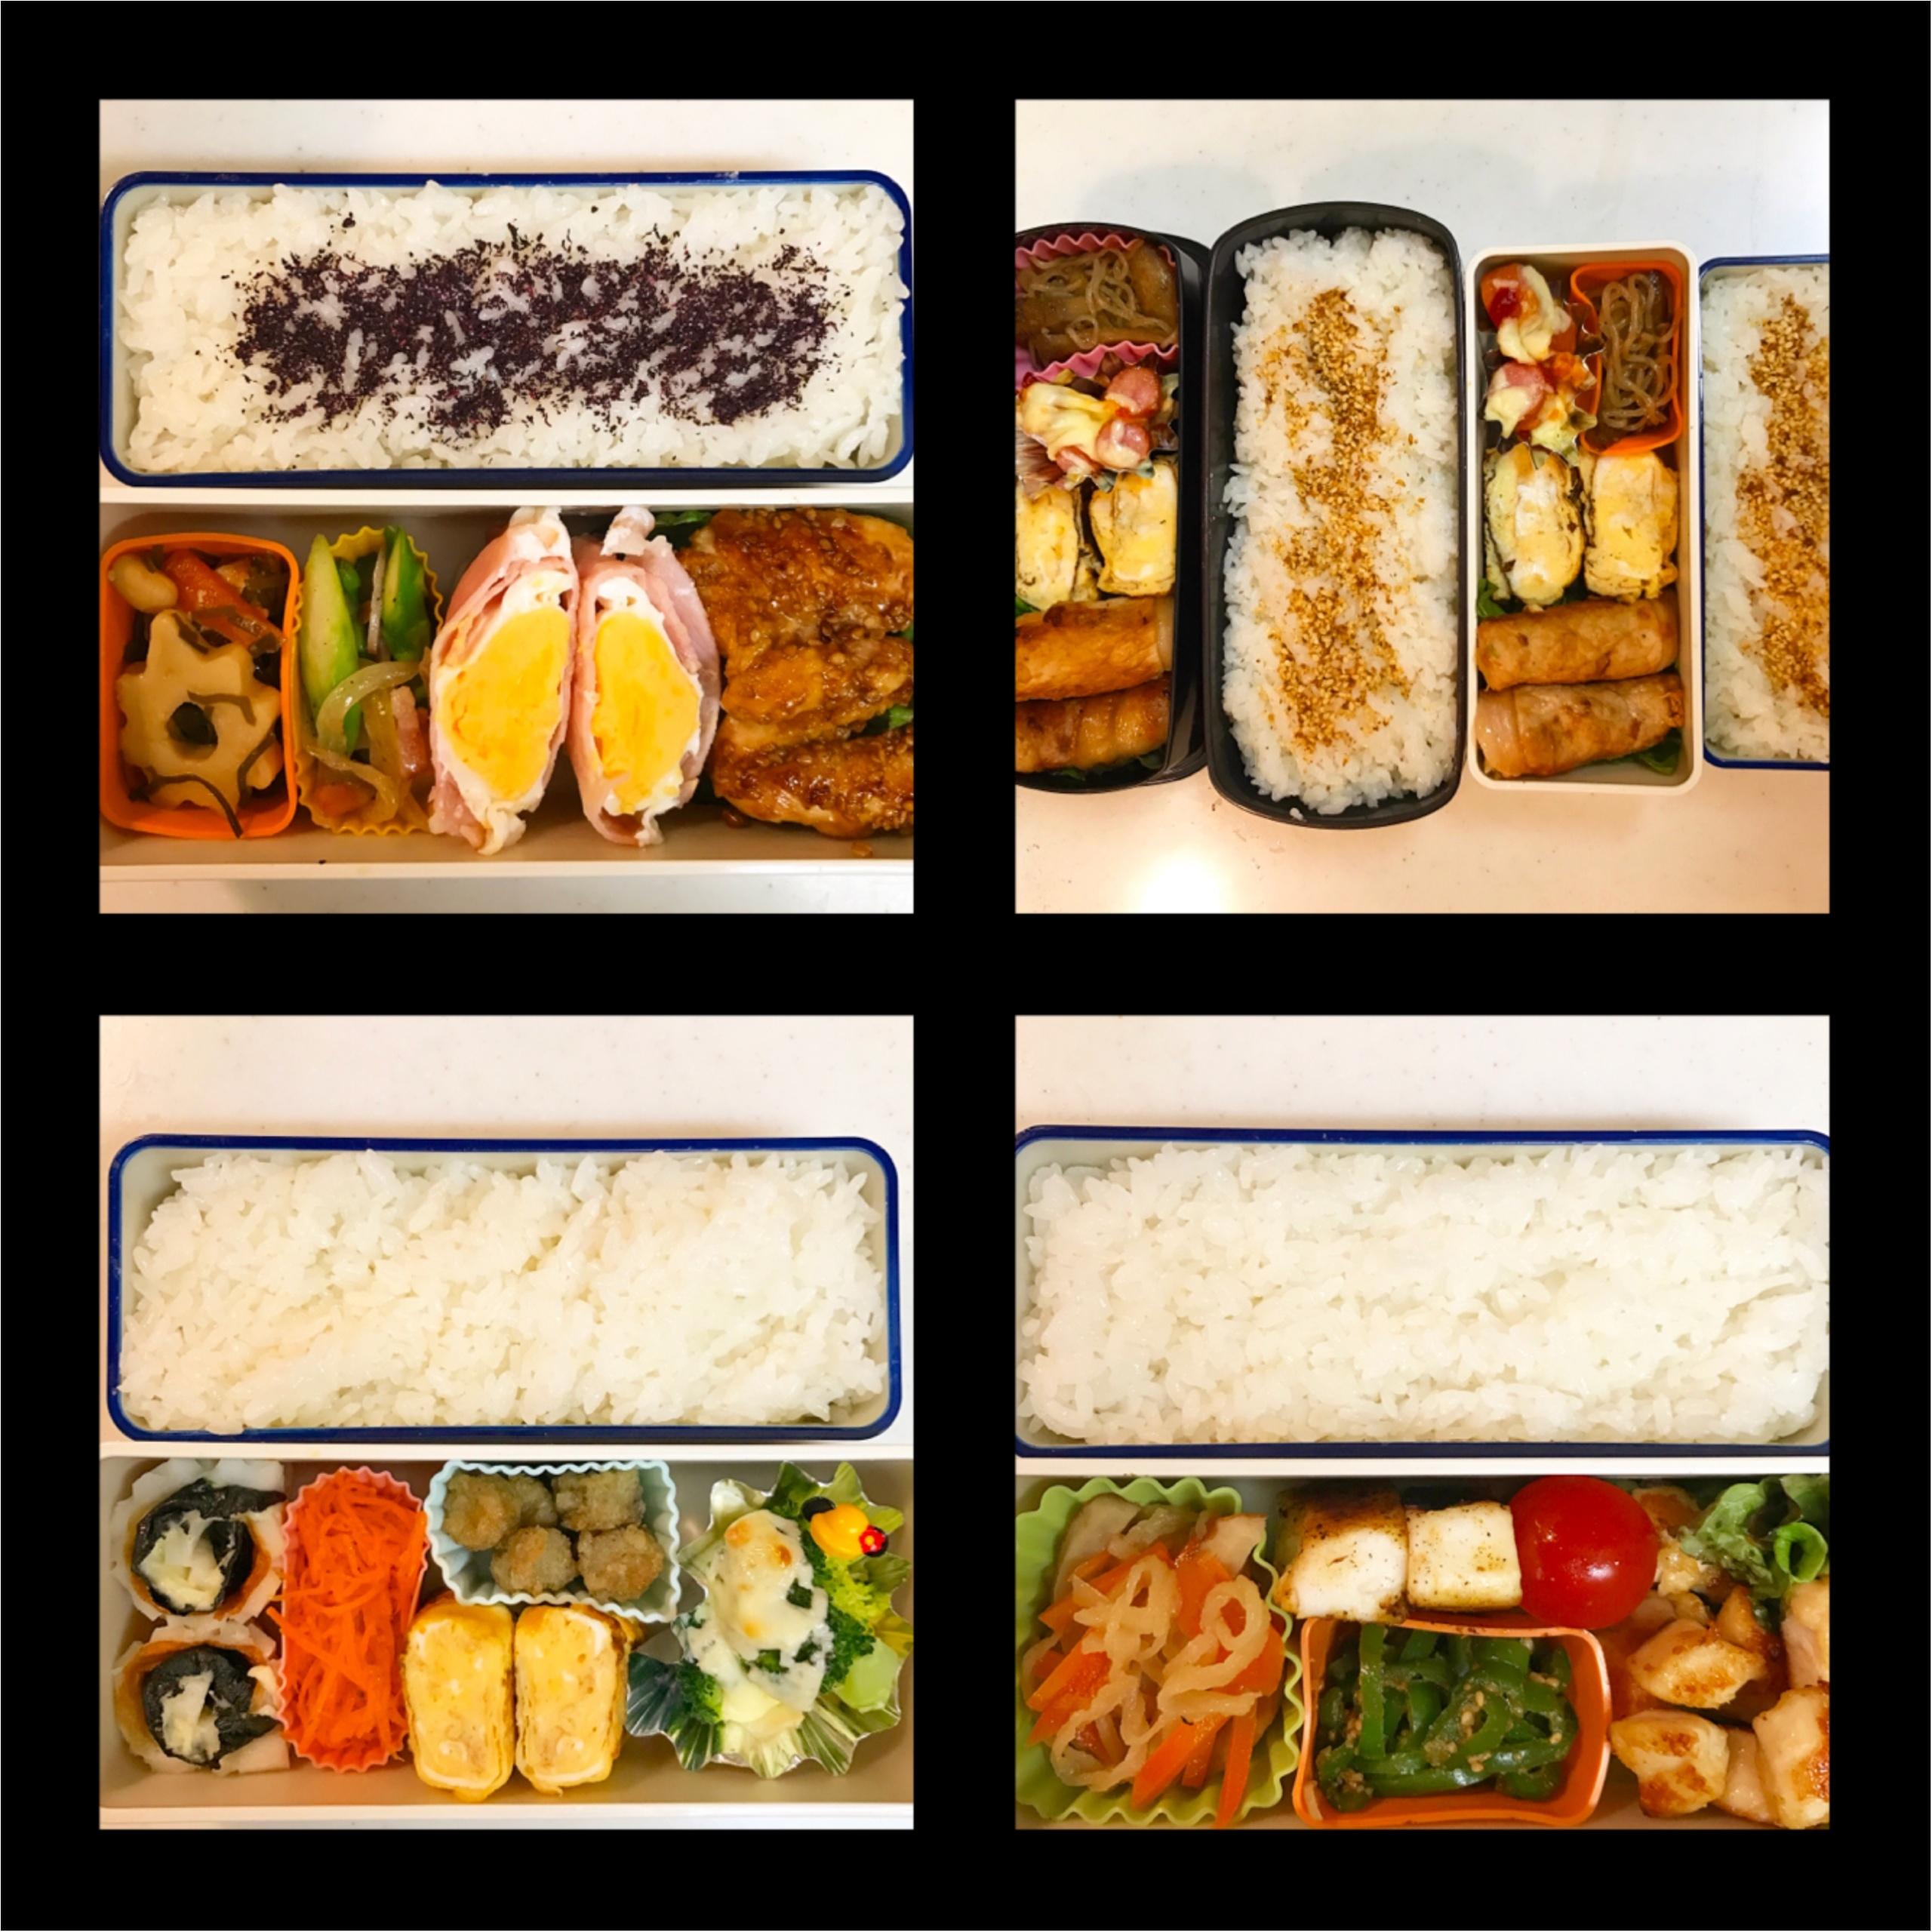 【#お昼が楽しみになるお弁当】東急ハンズ限定♡働く女子にぴったりなお弁当箱はコレ!_1